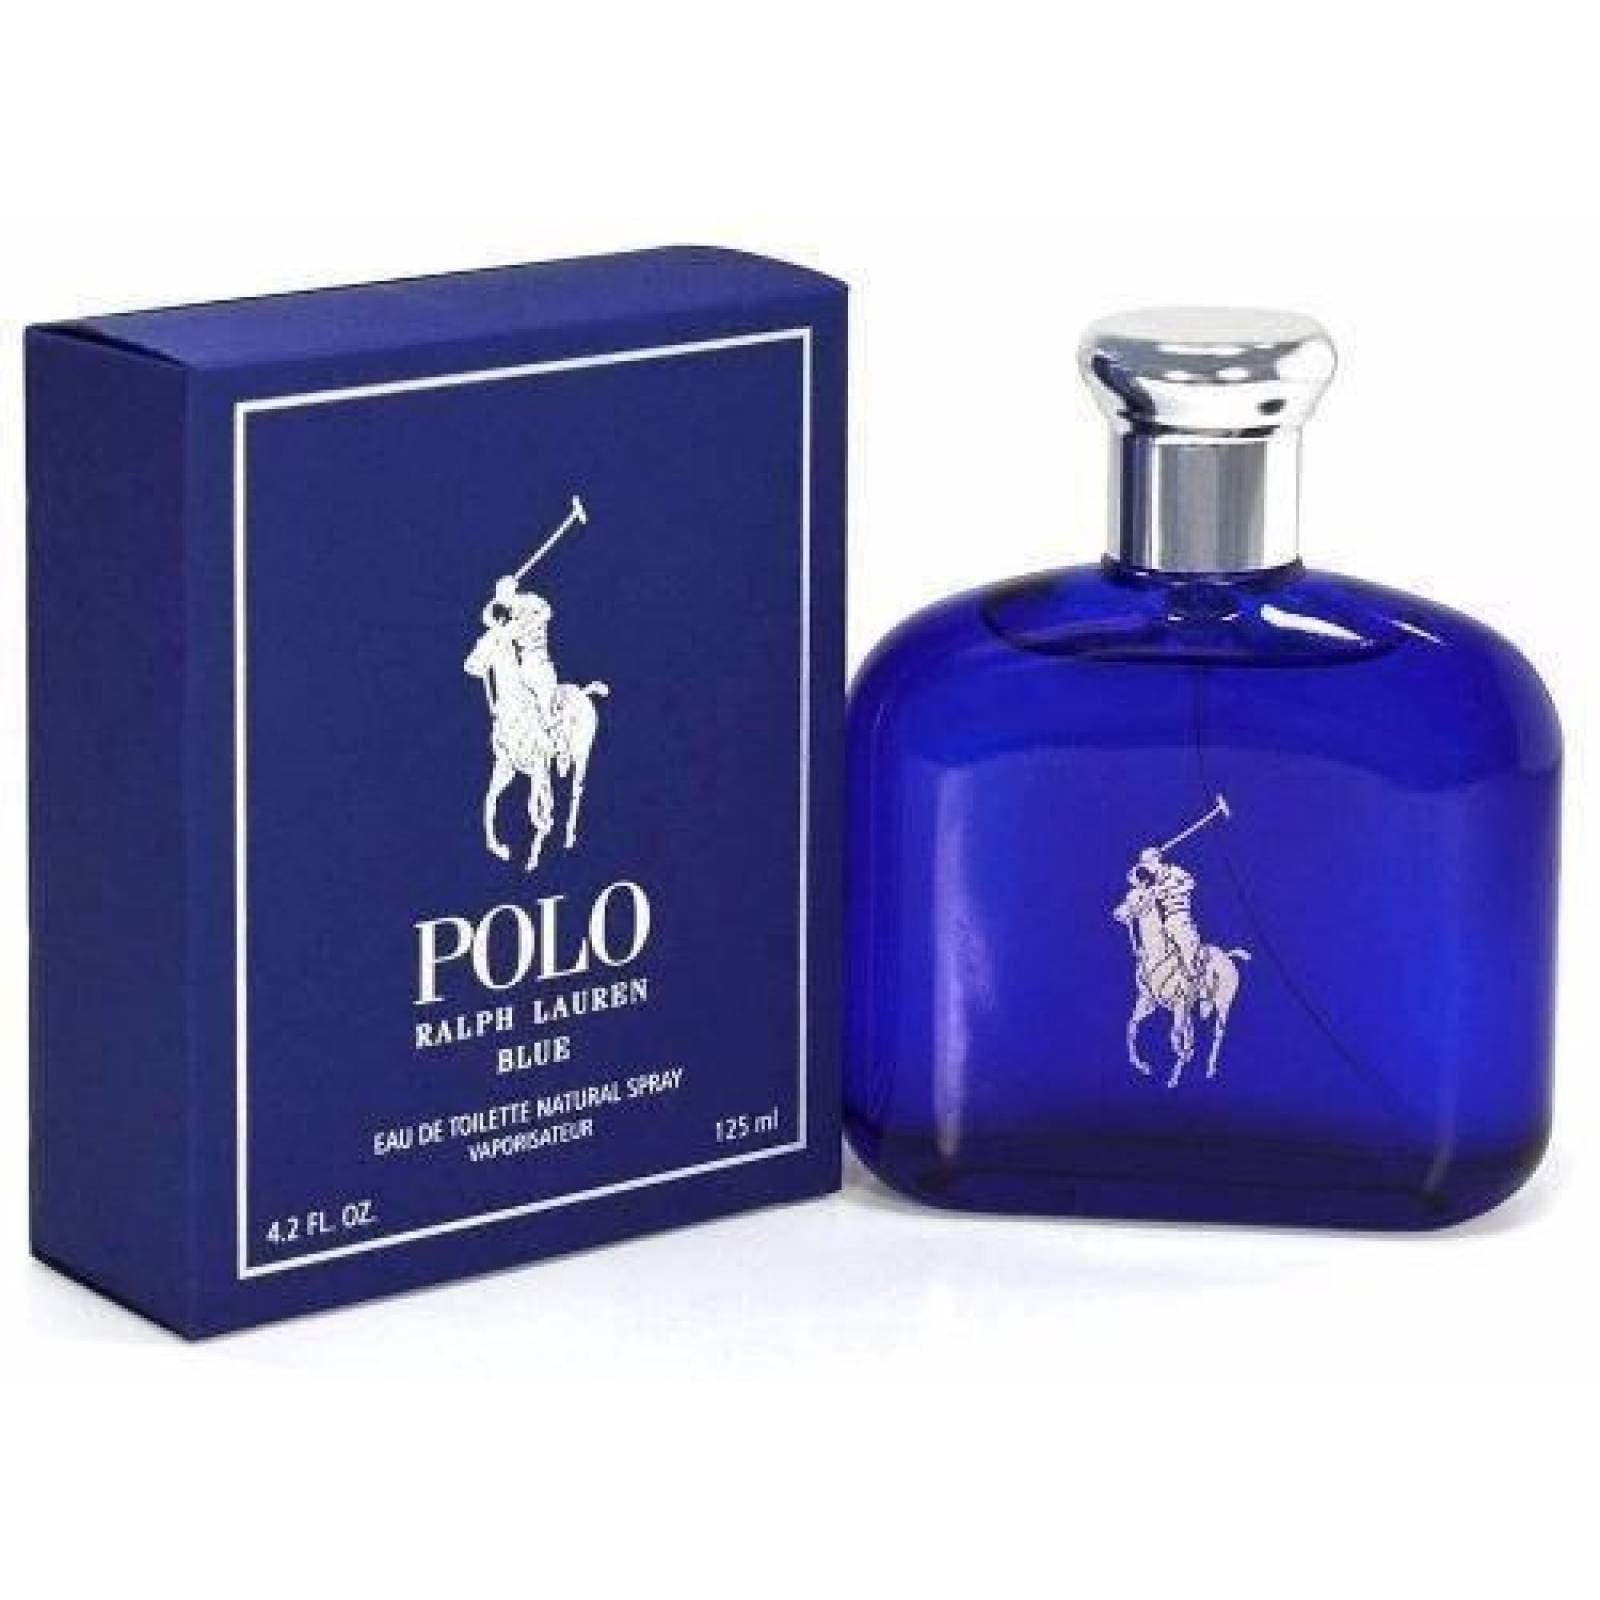 Polo Blue Caballero 125 Ml Ralph Lauren Spray - Original